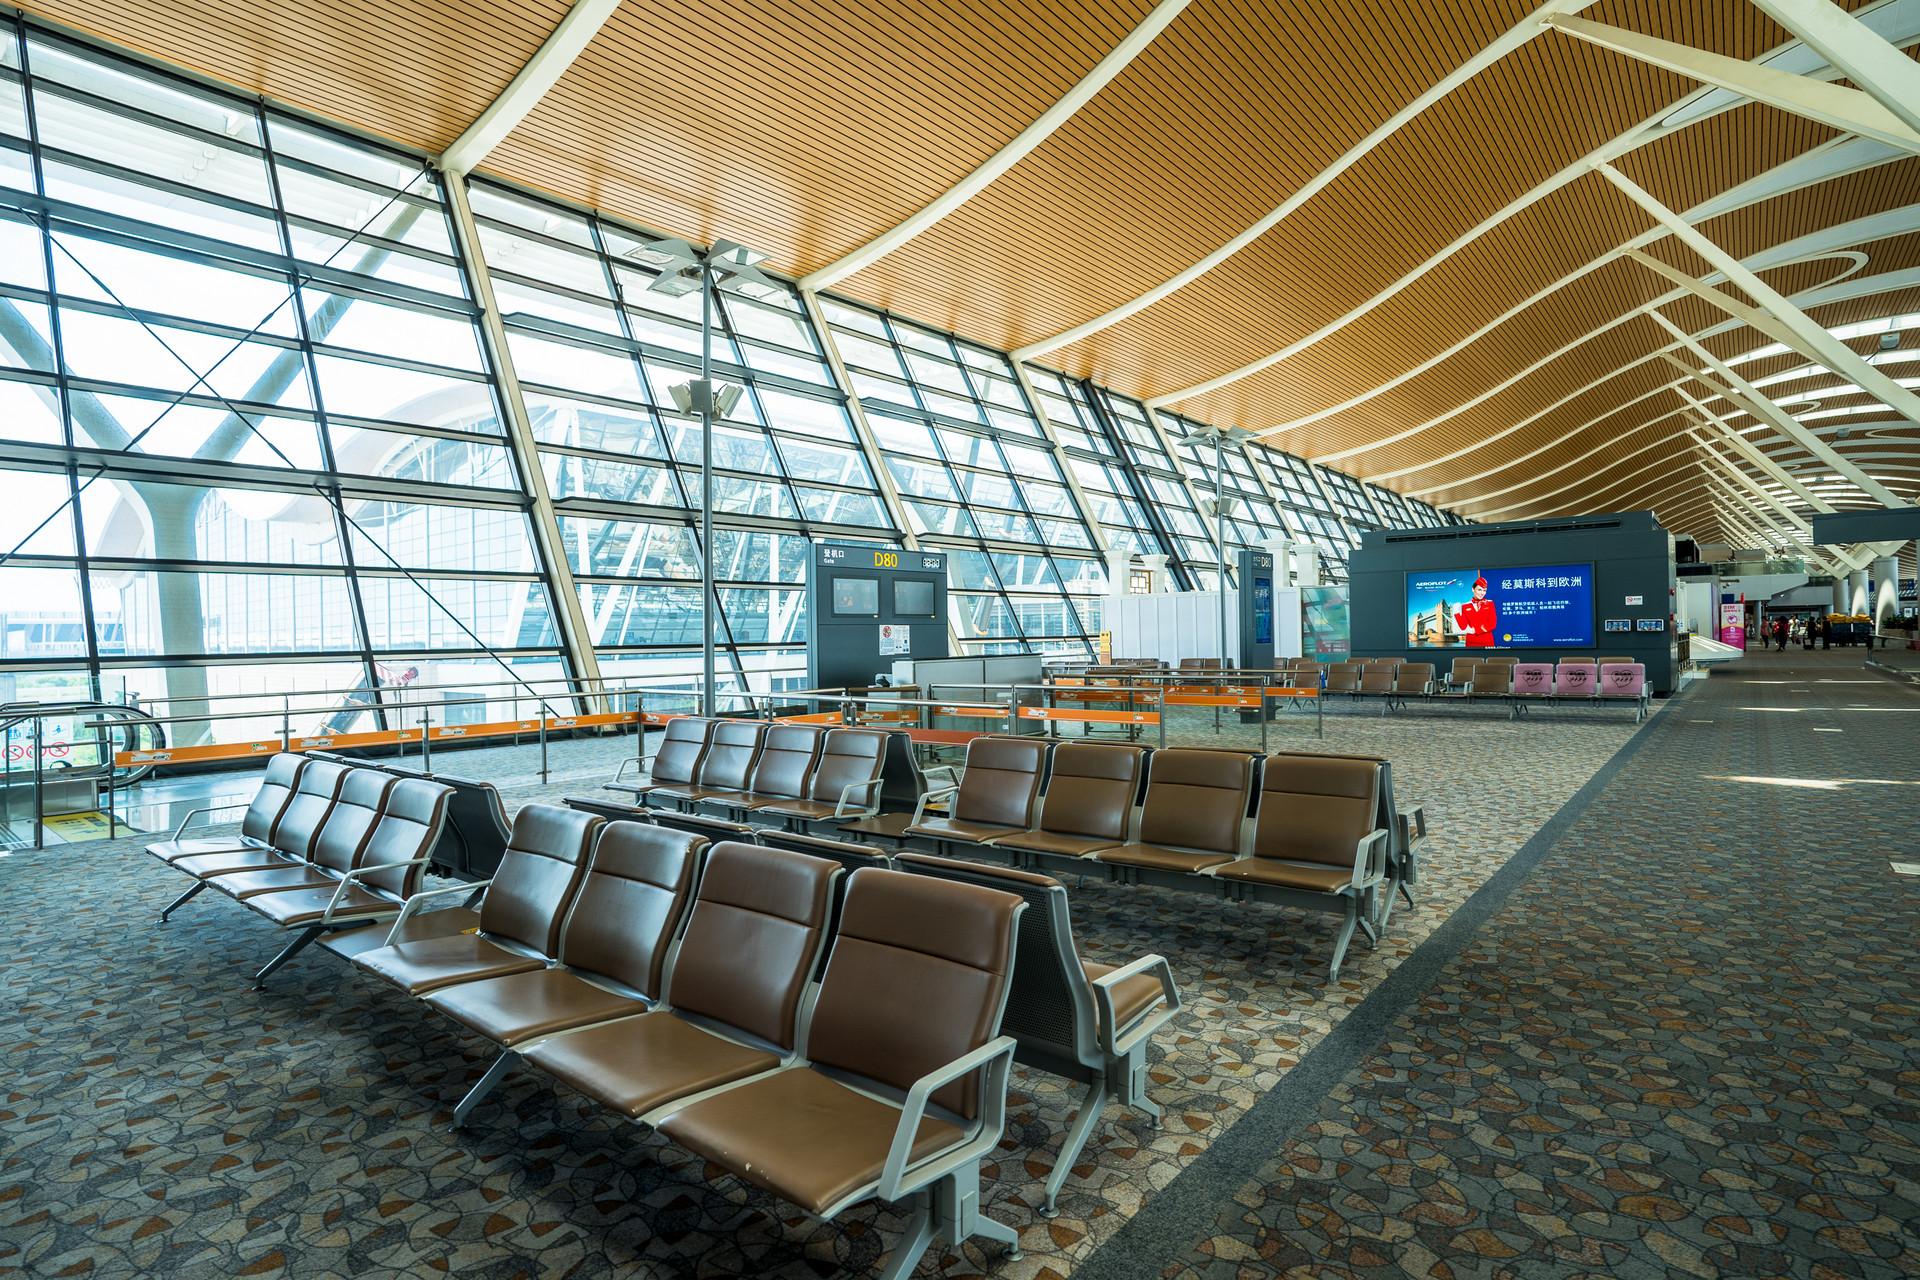 機場航站樓的遮陽百味